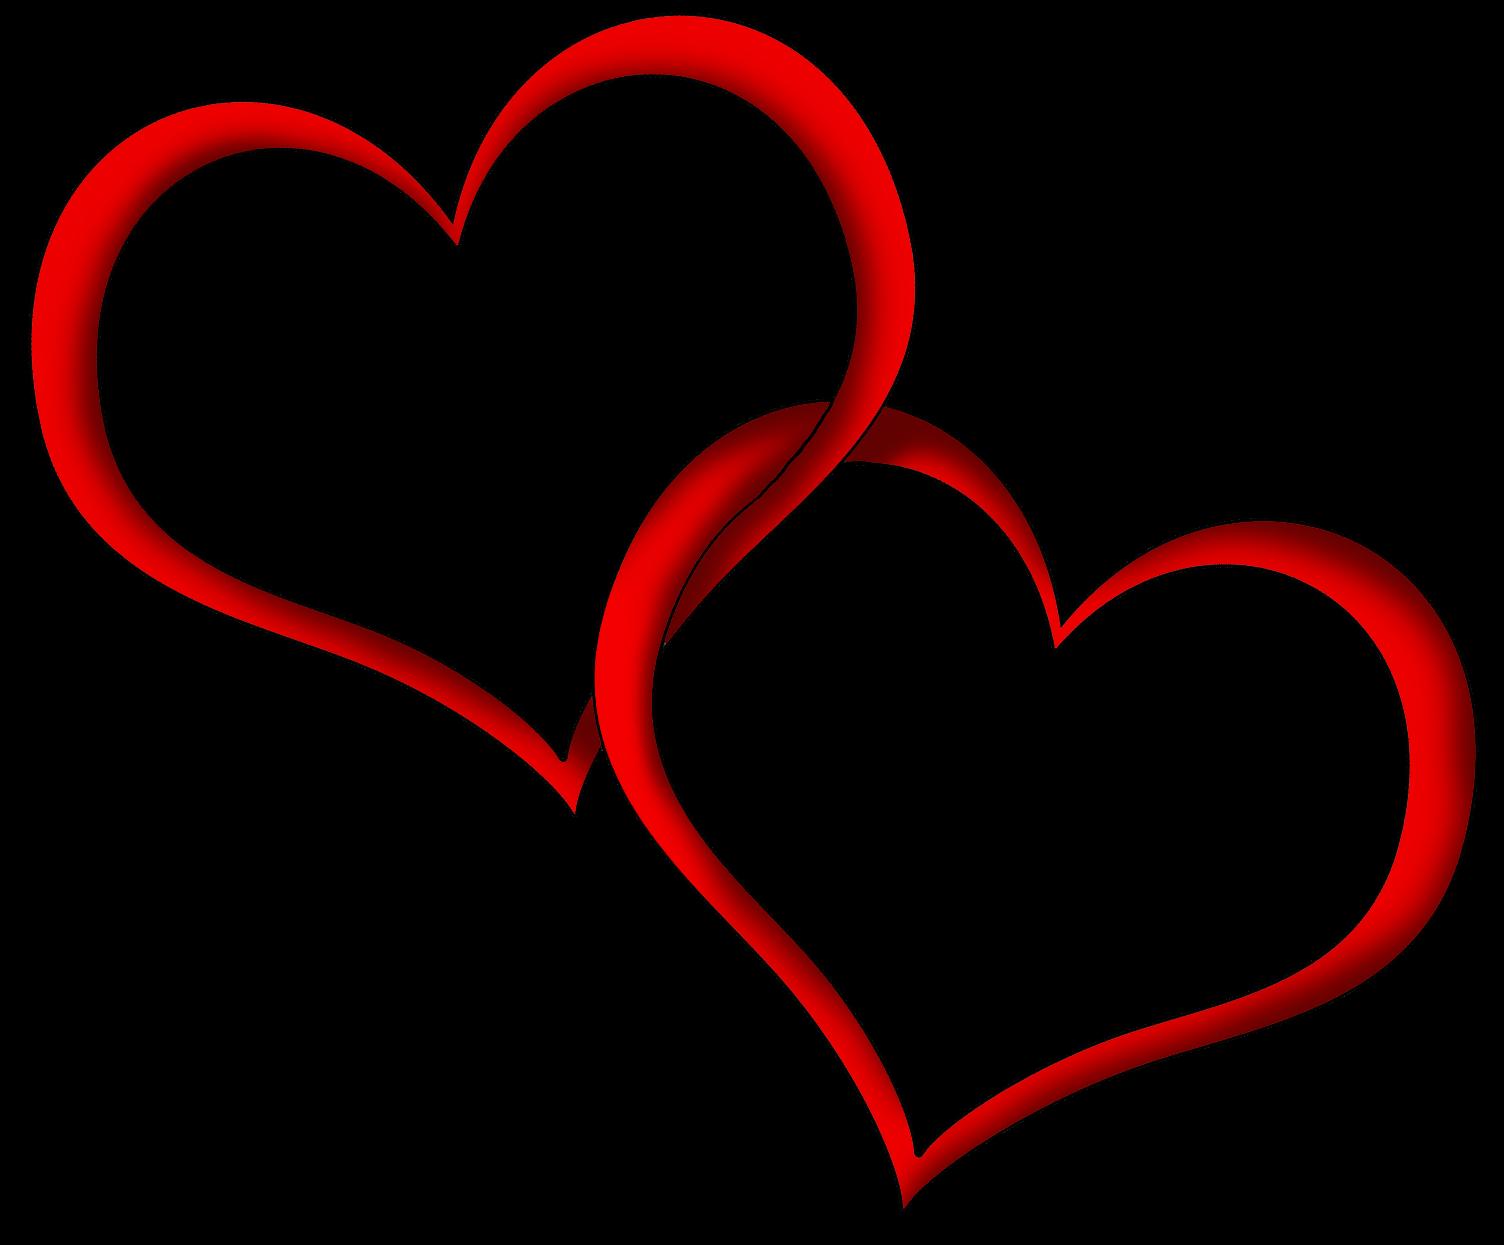 Heart clipart sign. Fotolip com rich image